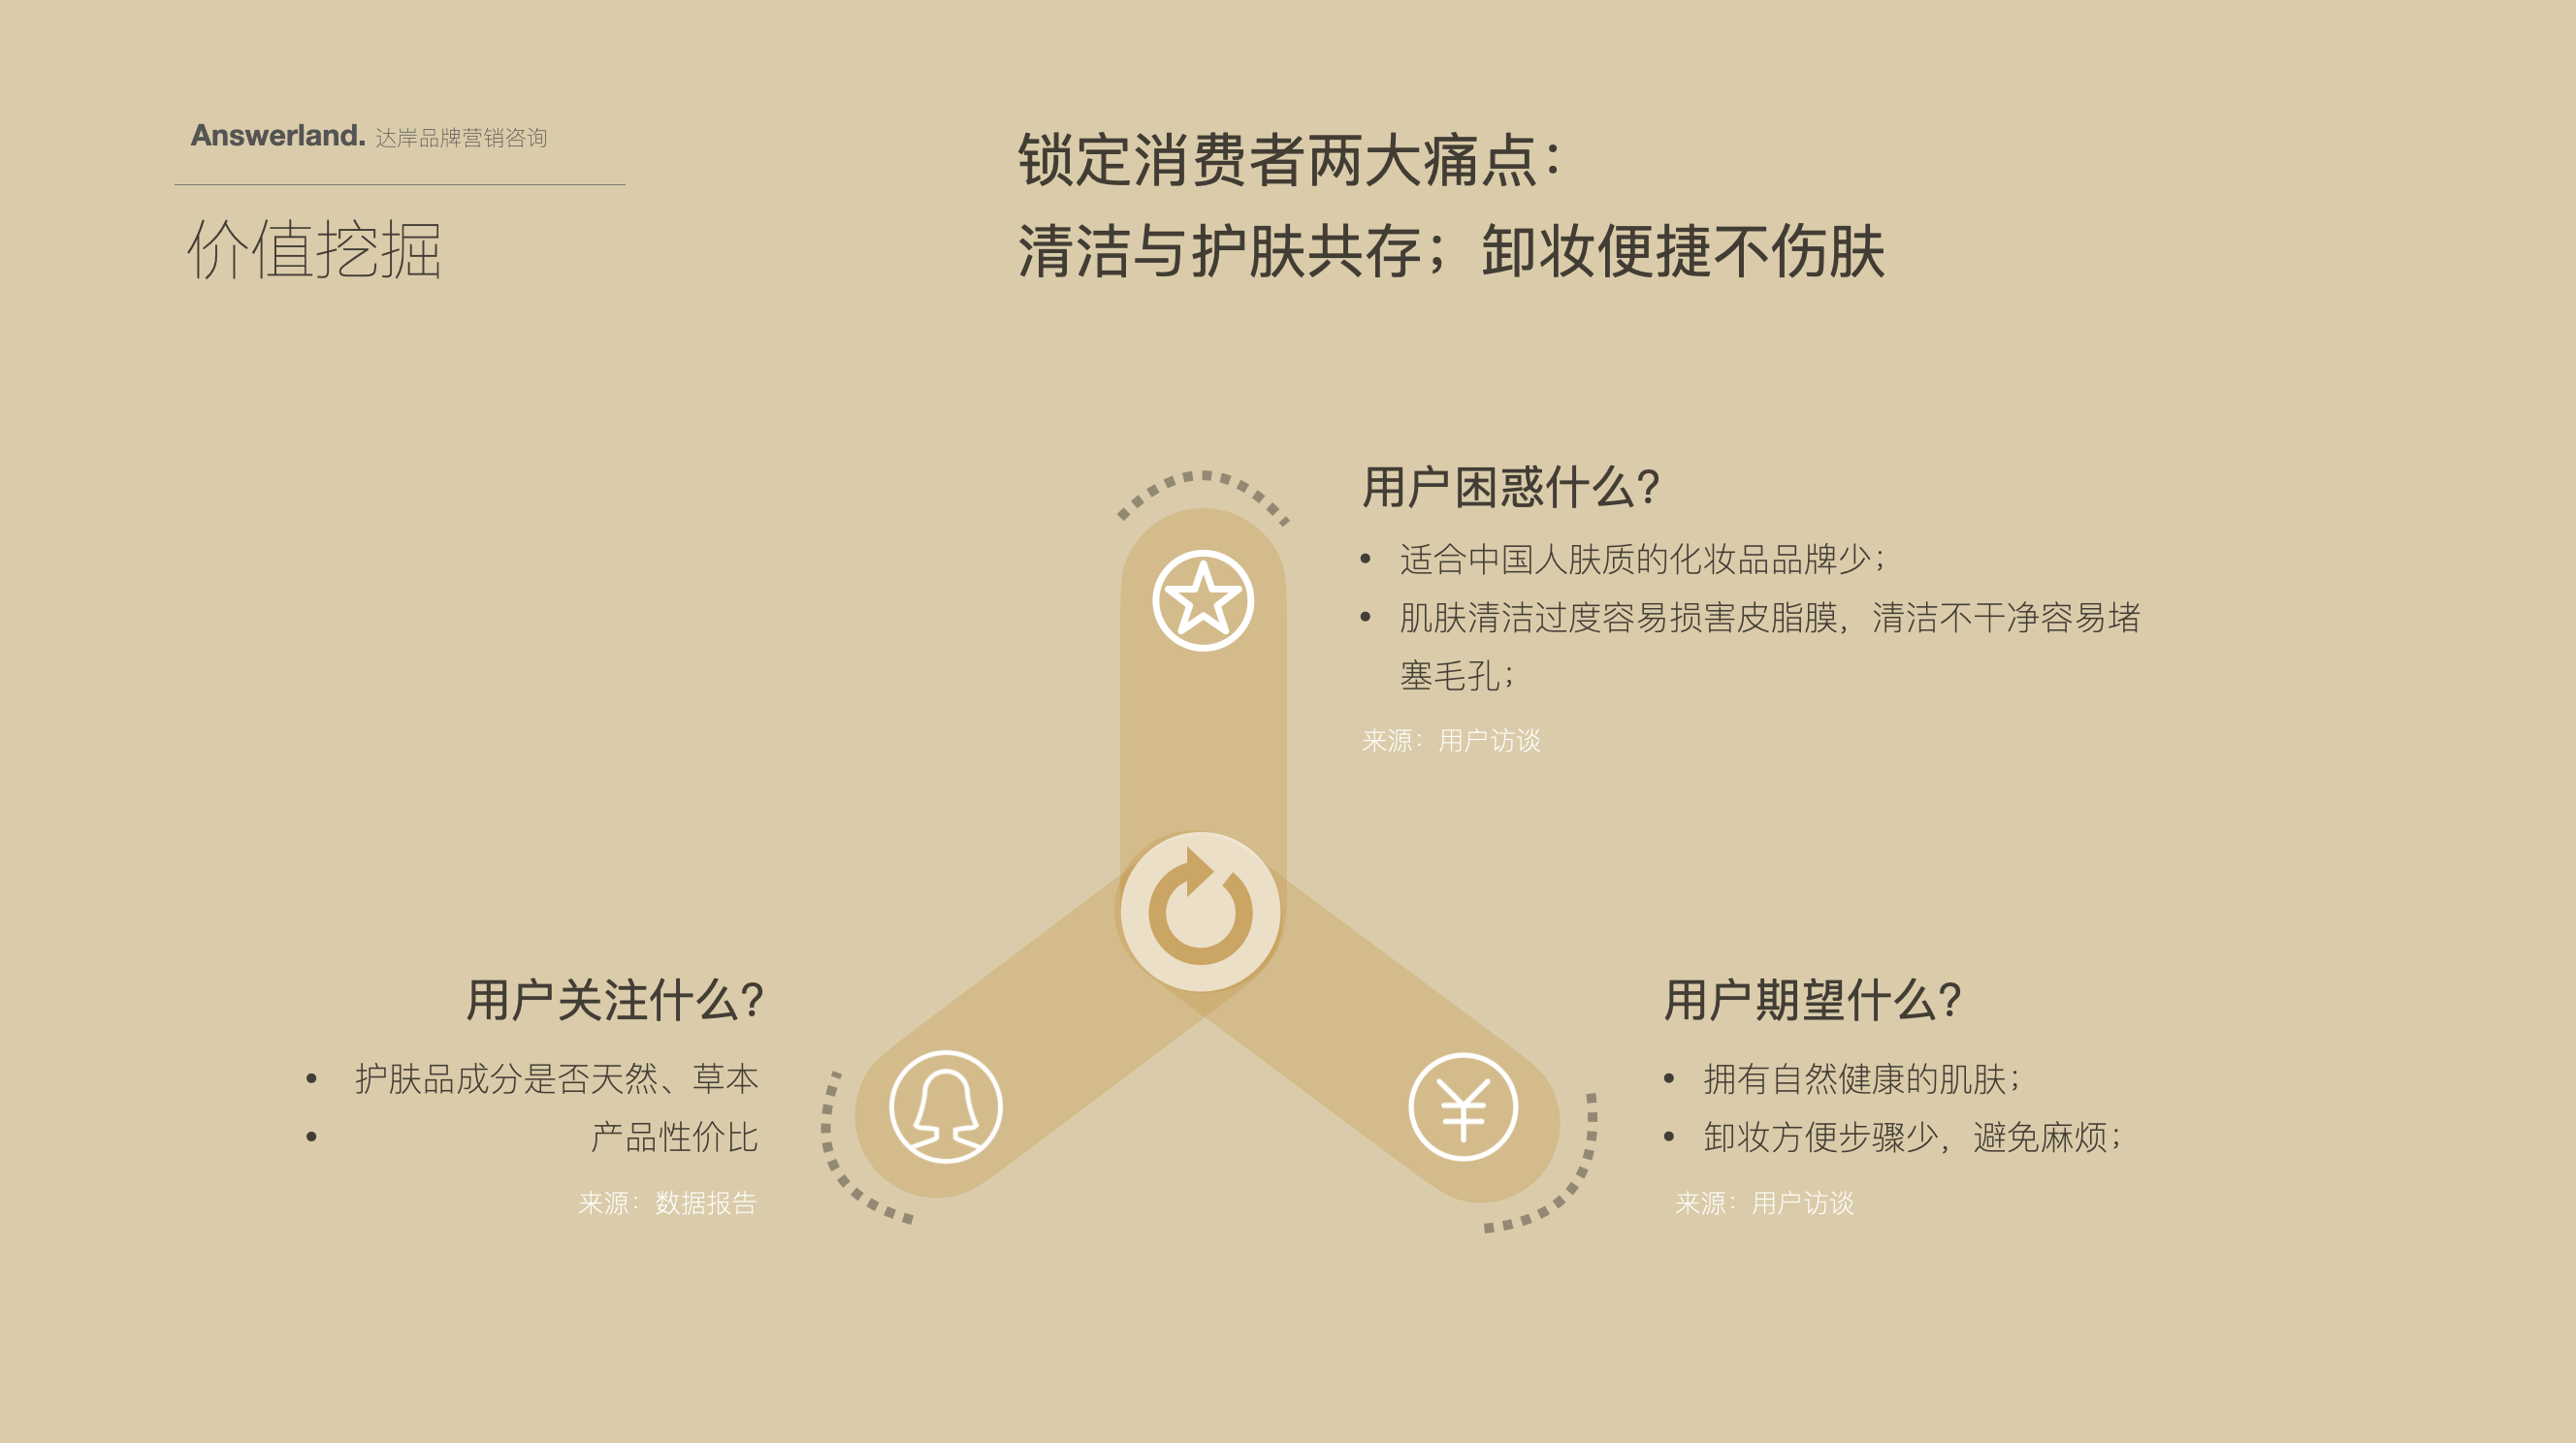 化妆品品牌策划设计-逐本卸妆油-杭州品牌策划设计公司